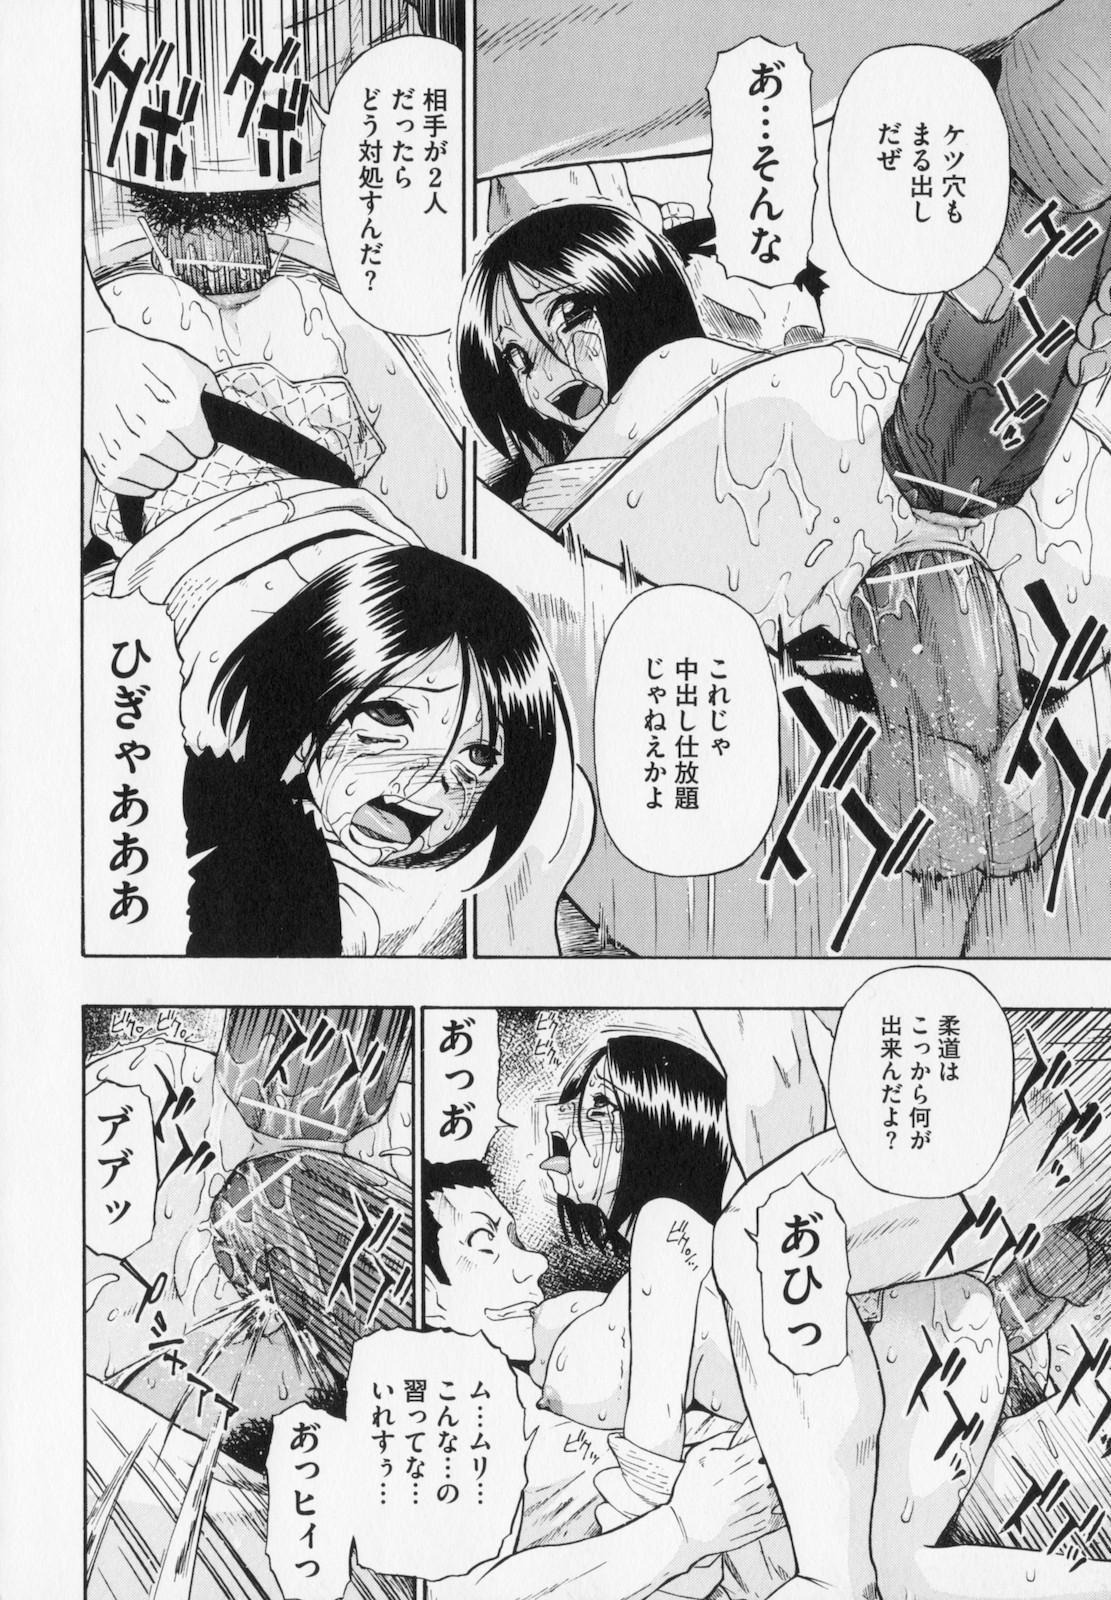 Hitodenashi no Utage - Veranstaltungsräume von Brute 13